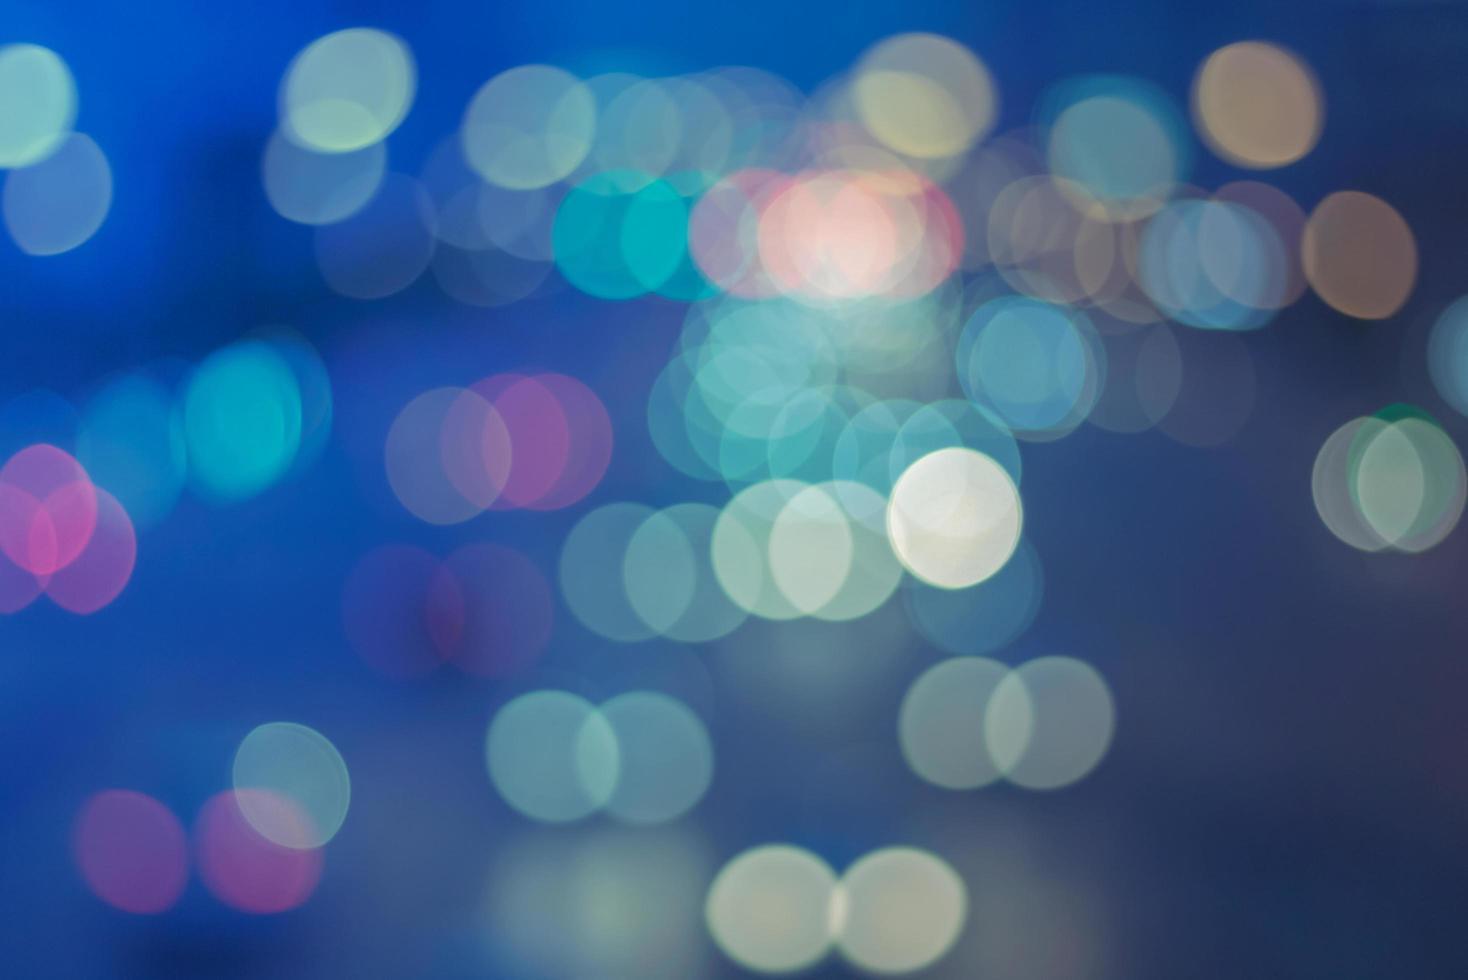 Bokeh Lichter auf blauem Hintergrund foto